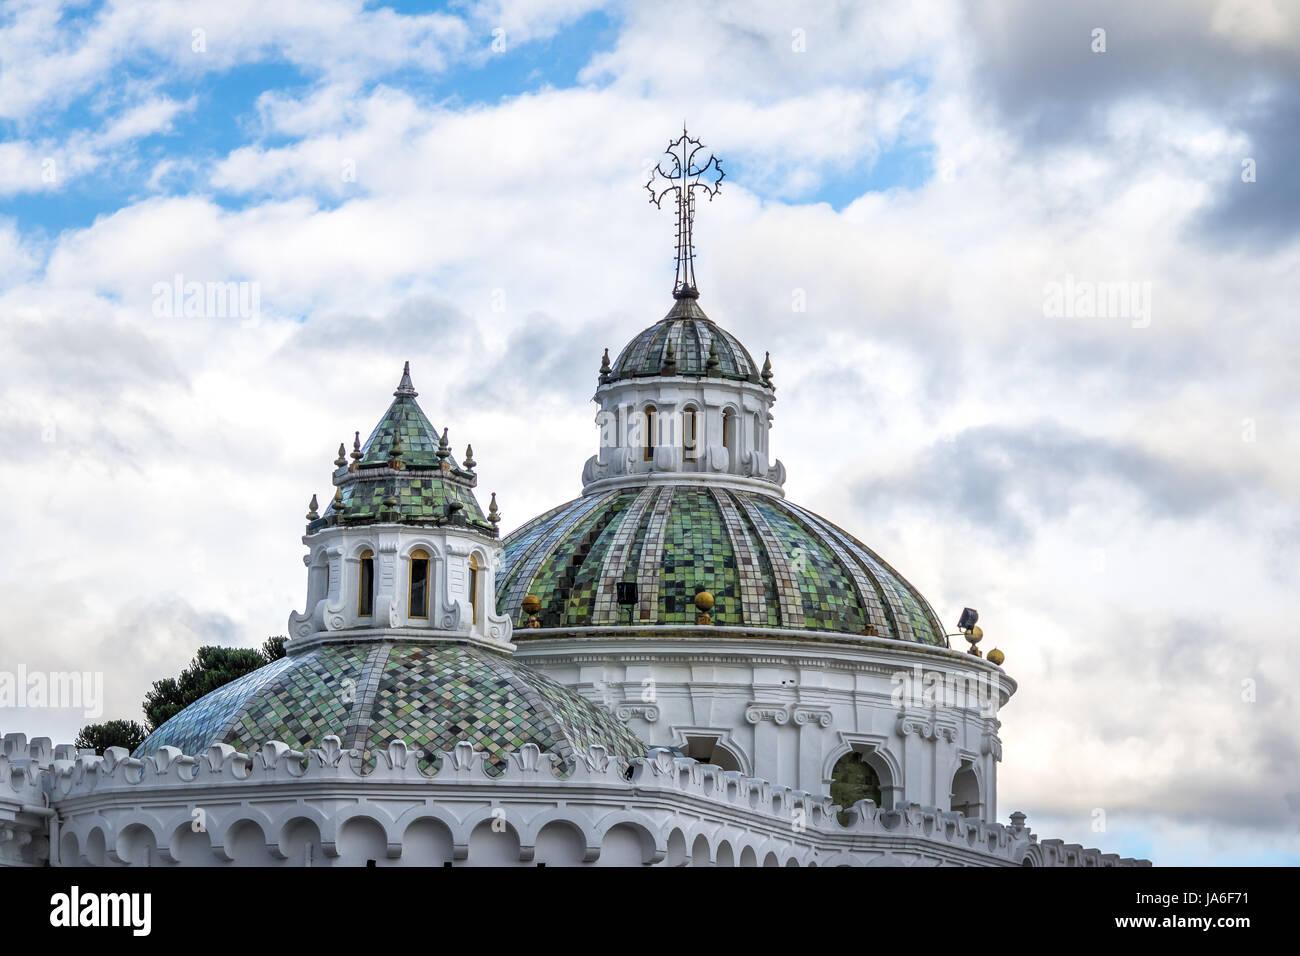 Cupola della Cattedrale Metropolitana - Quito, Ecuador Immagini Stock